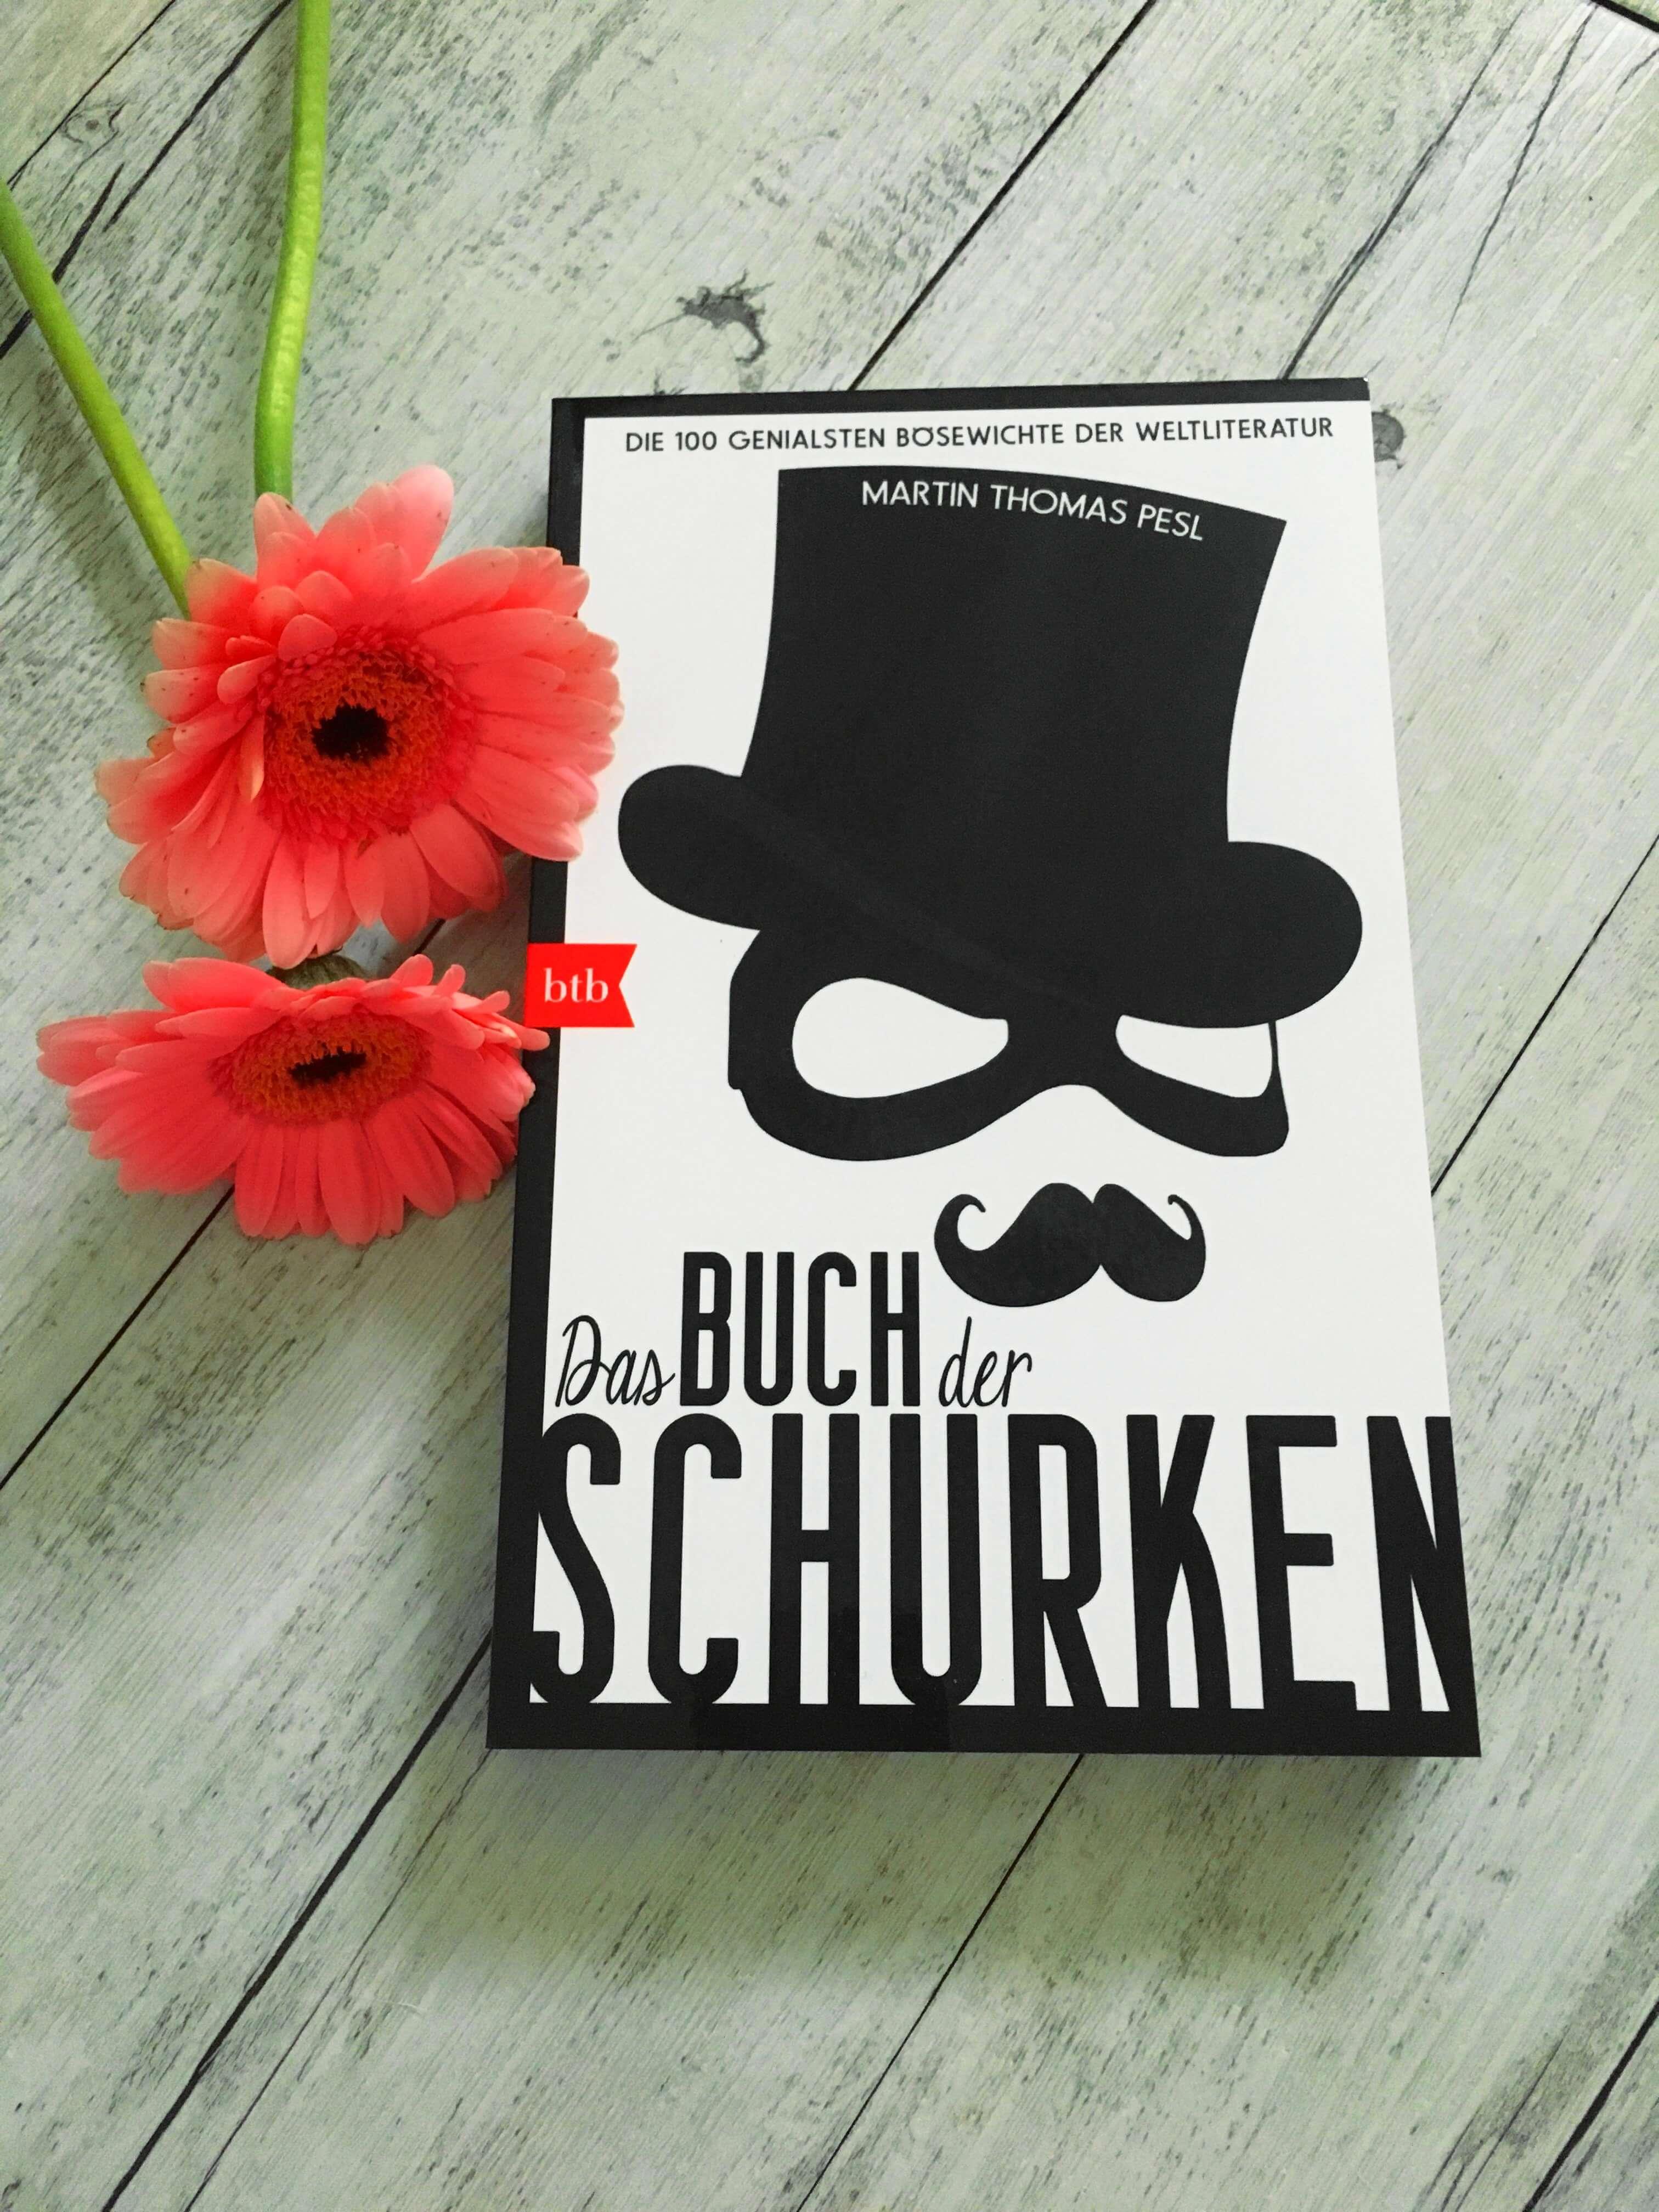 Heute stelle ich euch 5 top lesenswerte Bücher von Ferdinand von Schirach, Naomi Aldermann, Jon Krakauer, Christine Halter-Oppelt und Martin Thomas Pesl vor